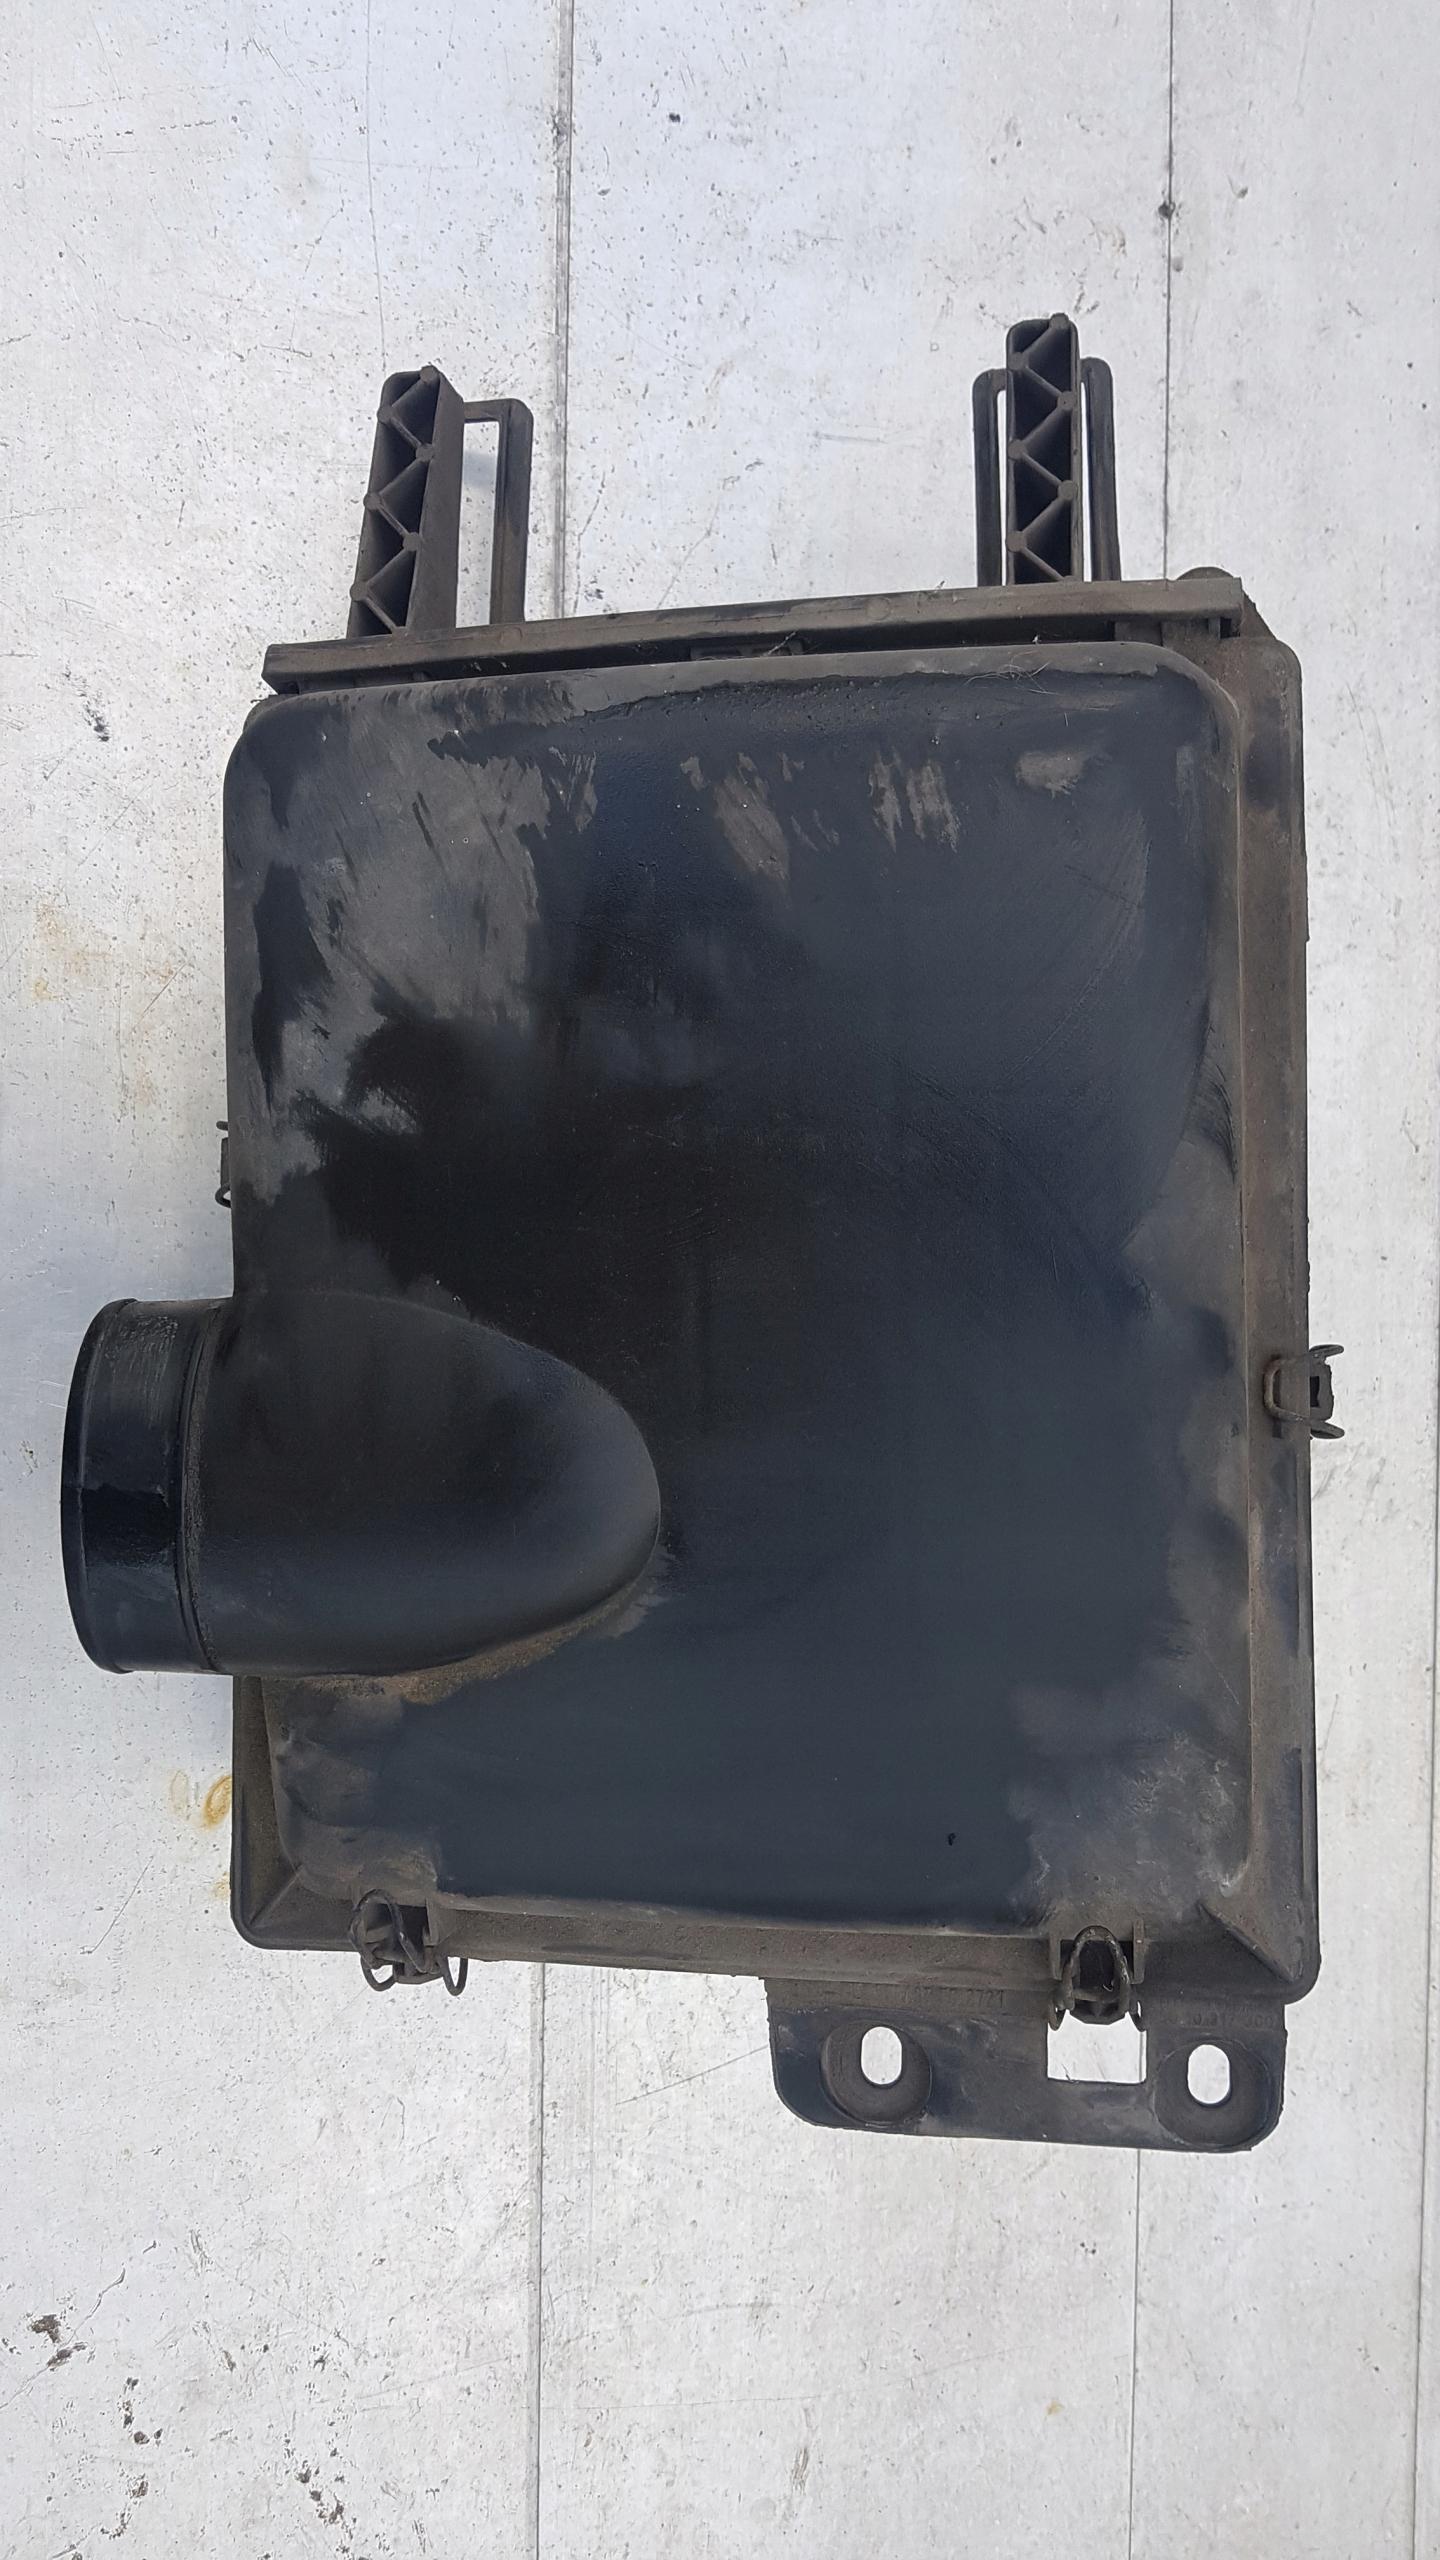 OBUDOWA FILTRA POWIETRZA MASCOT MASCOTT 98 04r 2.8